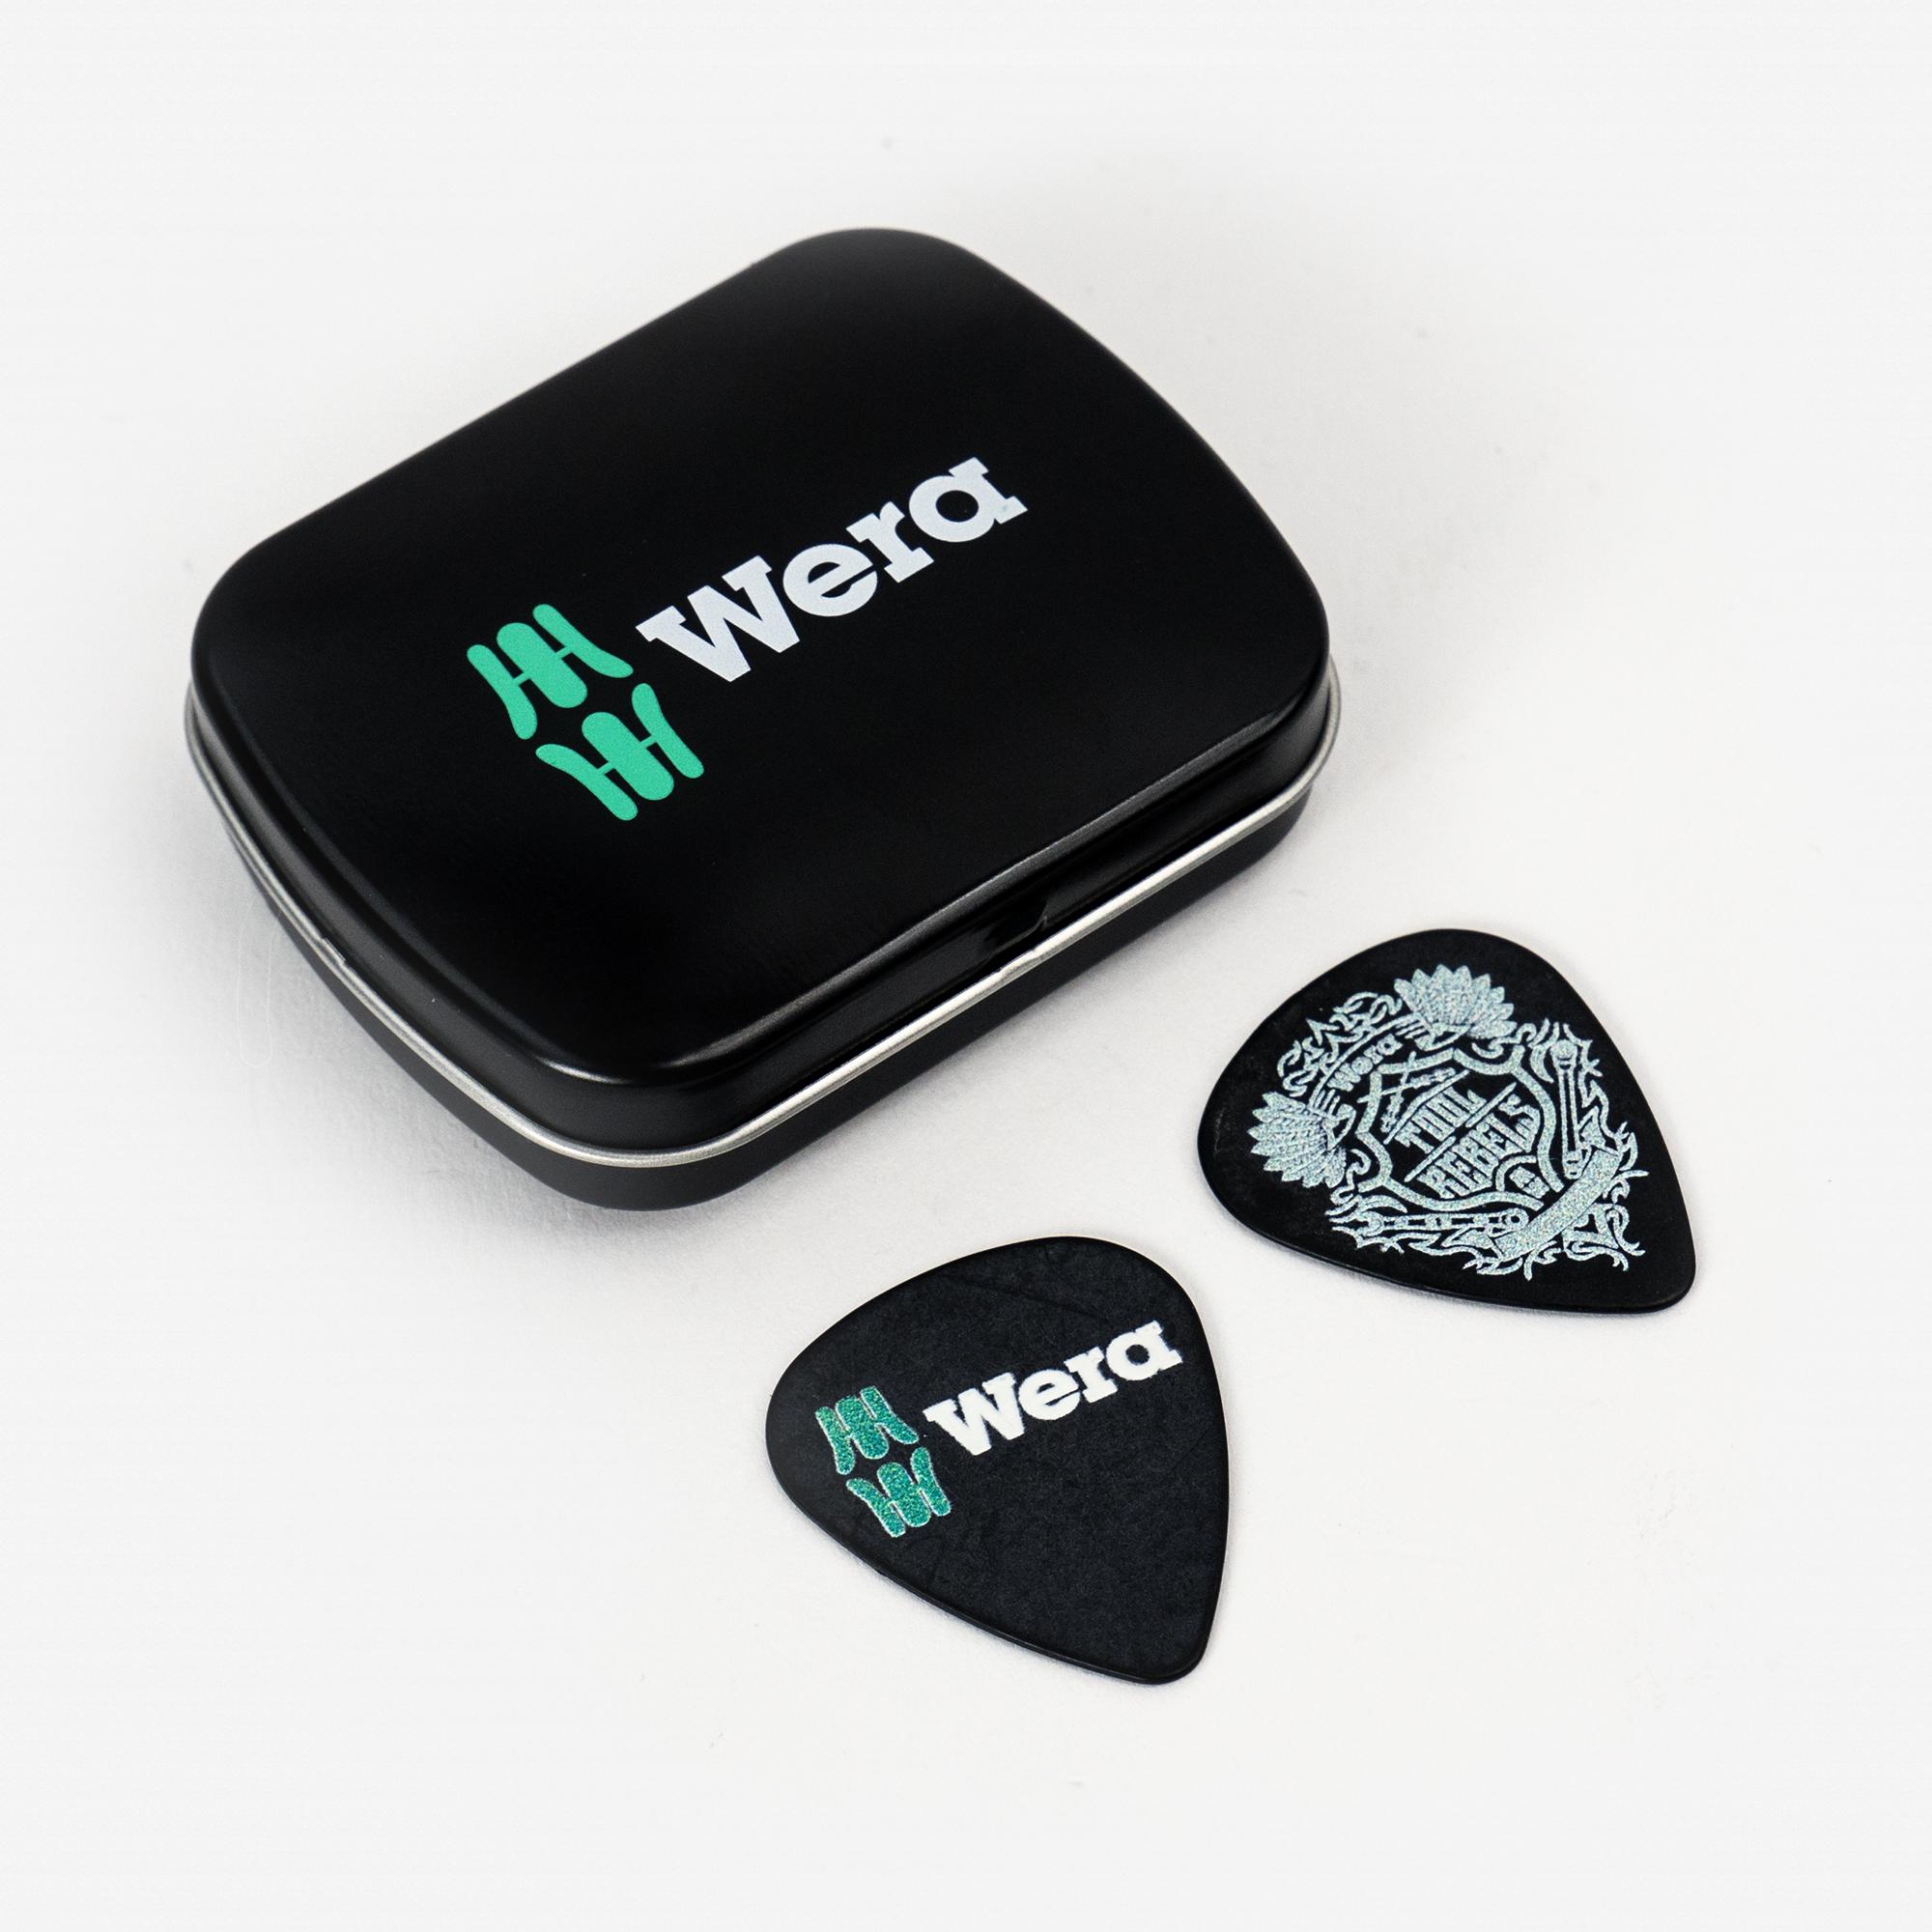 Wera 134015 Guitar Maintenance Tool Kit, 23 Pieces - KC Tool